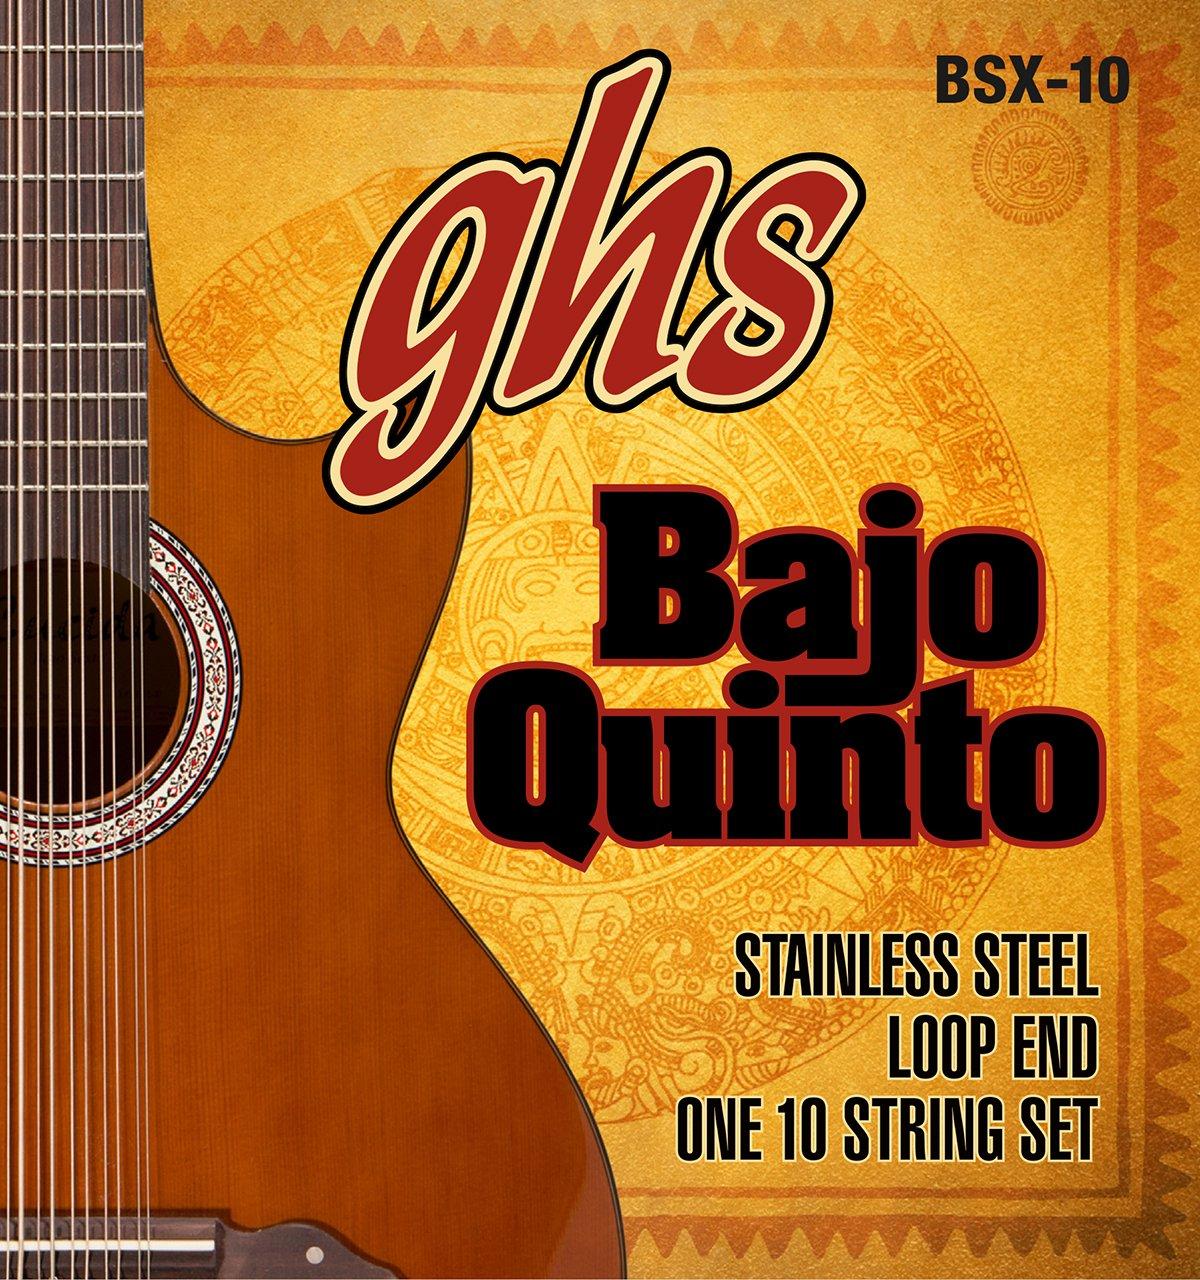 GHS Strings BSX-10 STAINLESS STEEL BAJO QUINTO Strings, Loop End